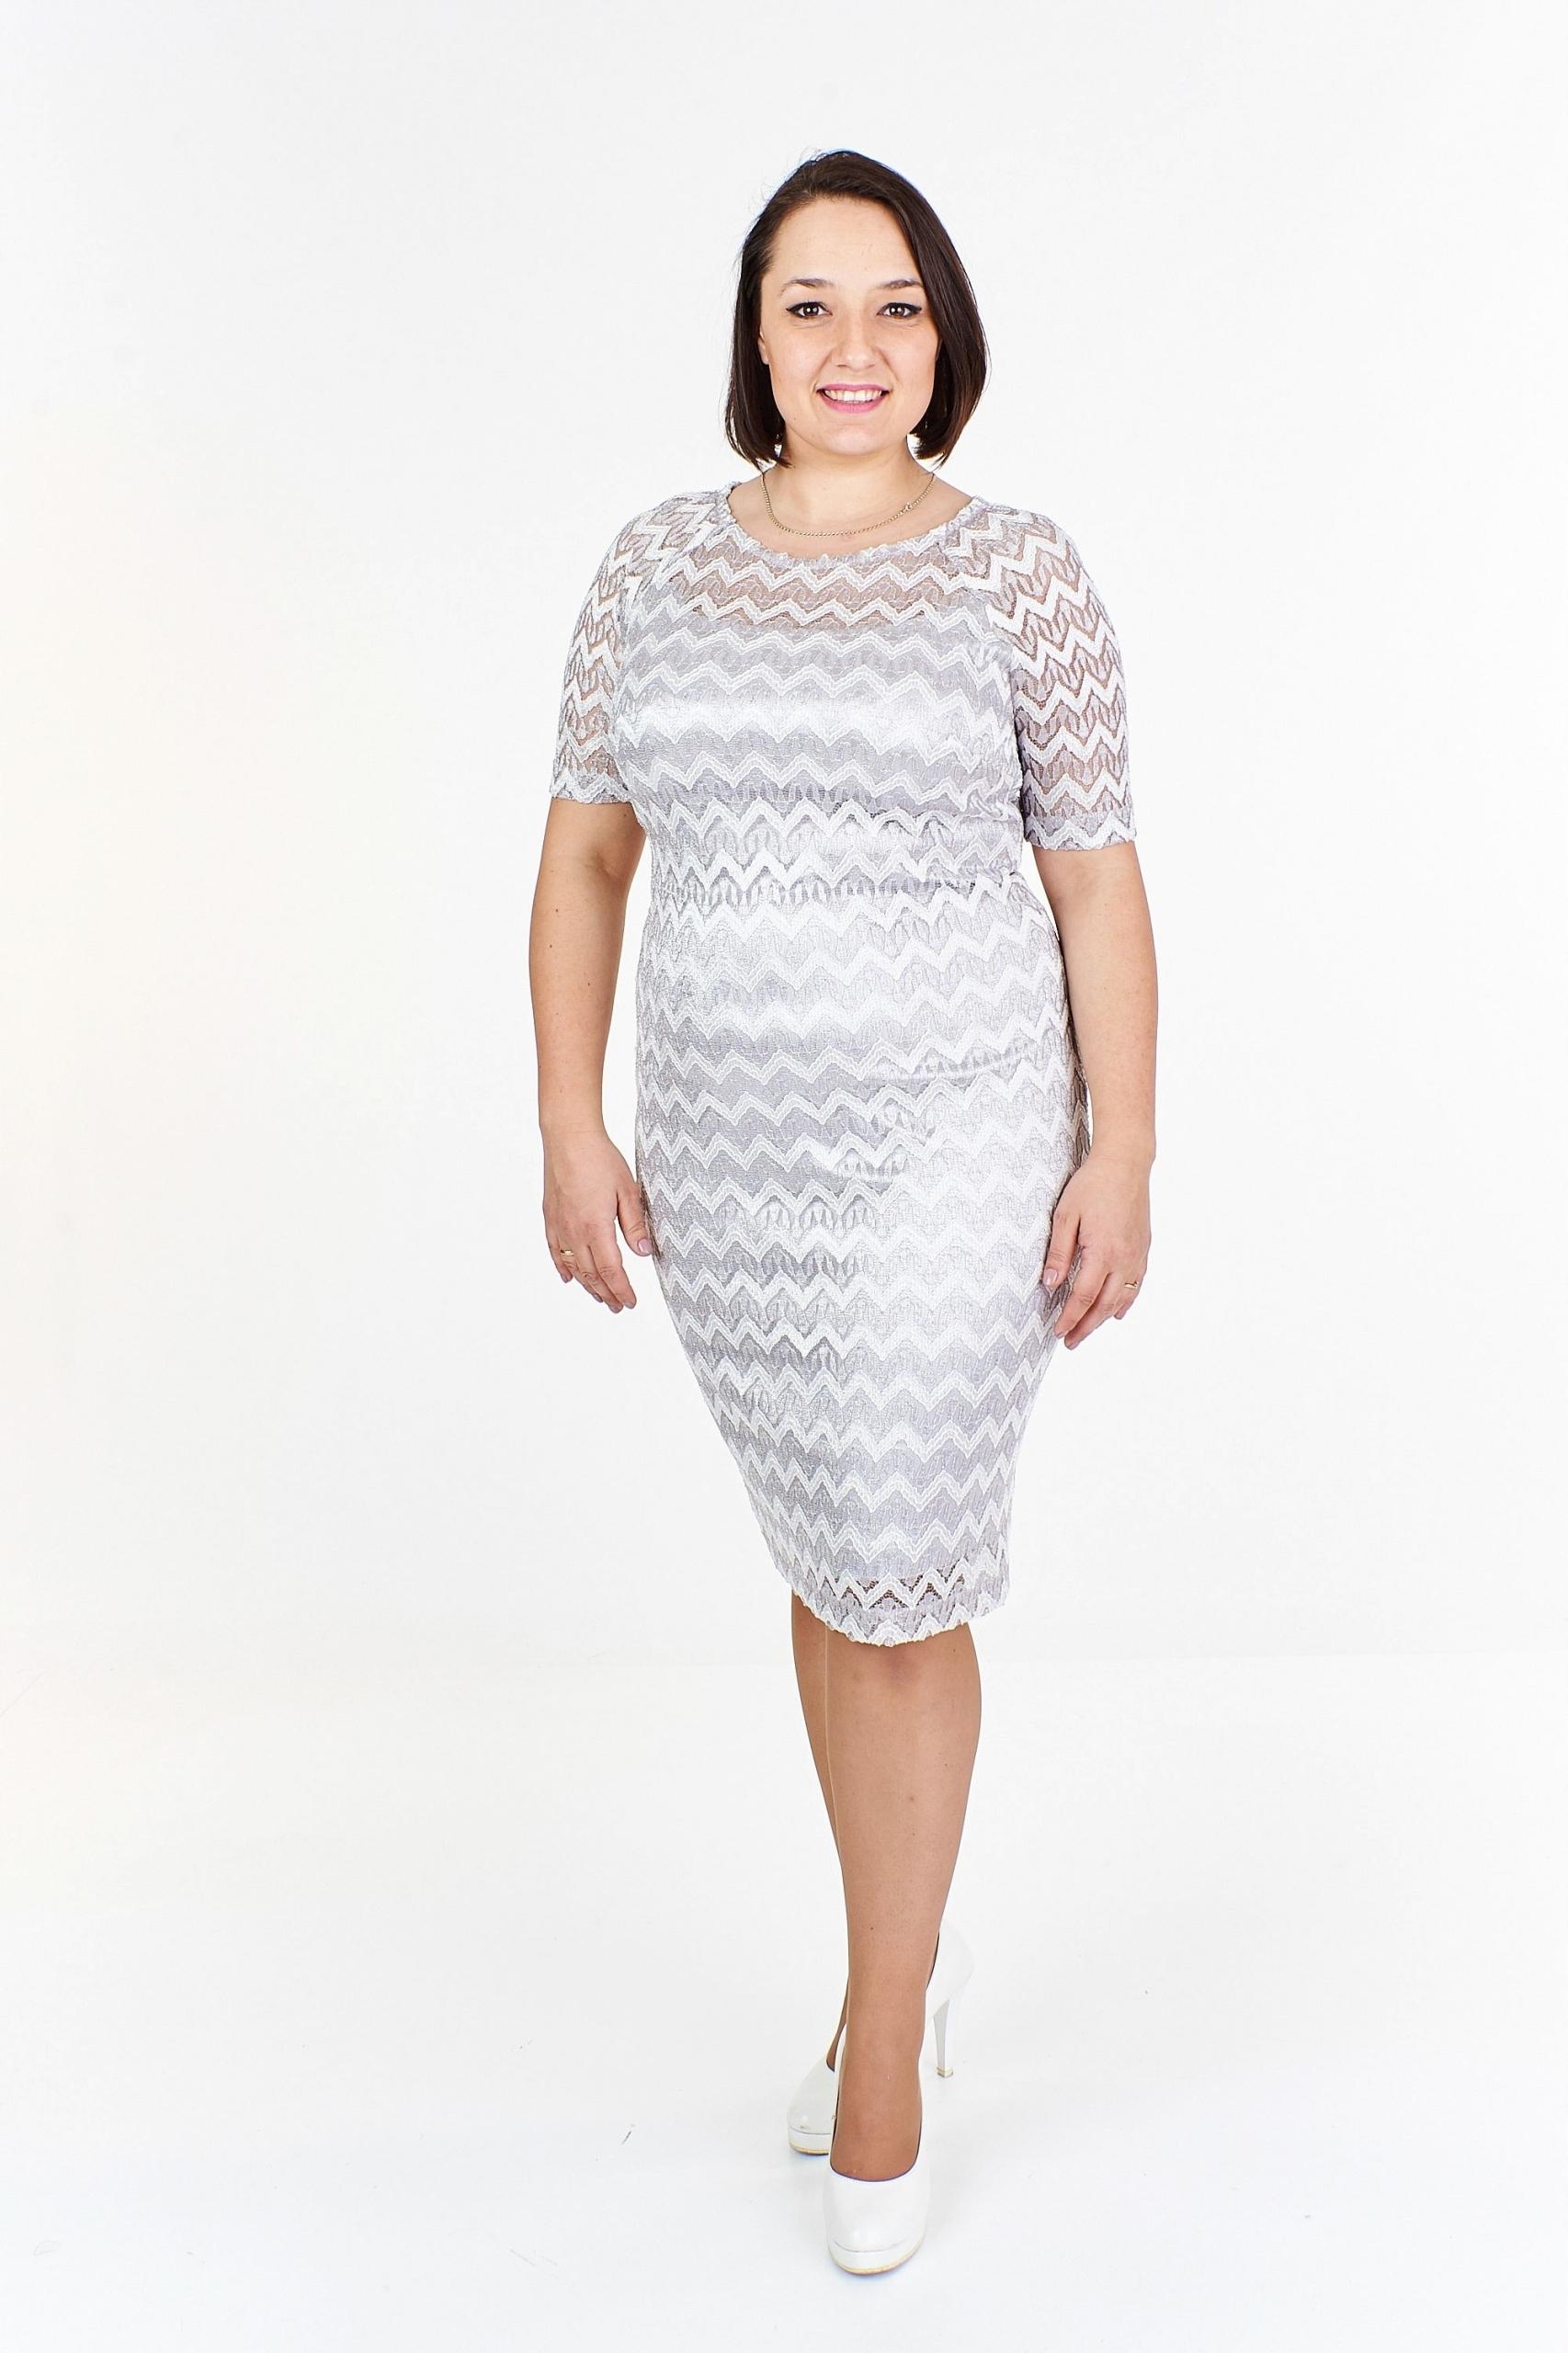 57d0f92027 Pudełkowa sukienka w zygzak Szary 40 - 7445645432 - oficjalne ...